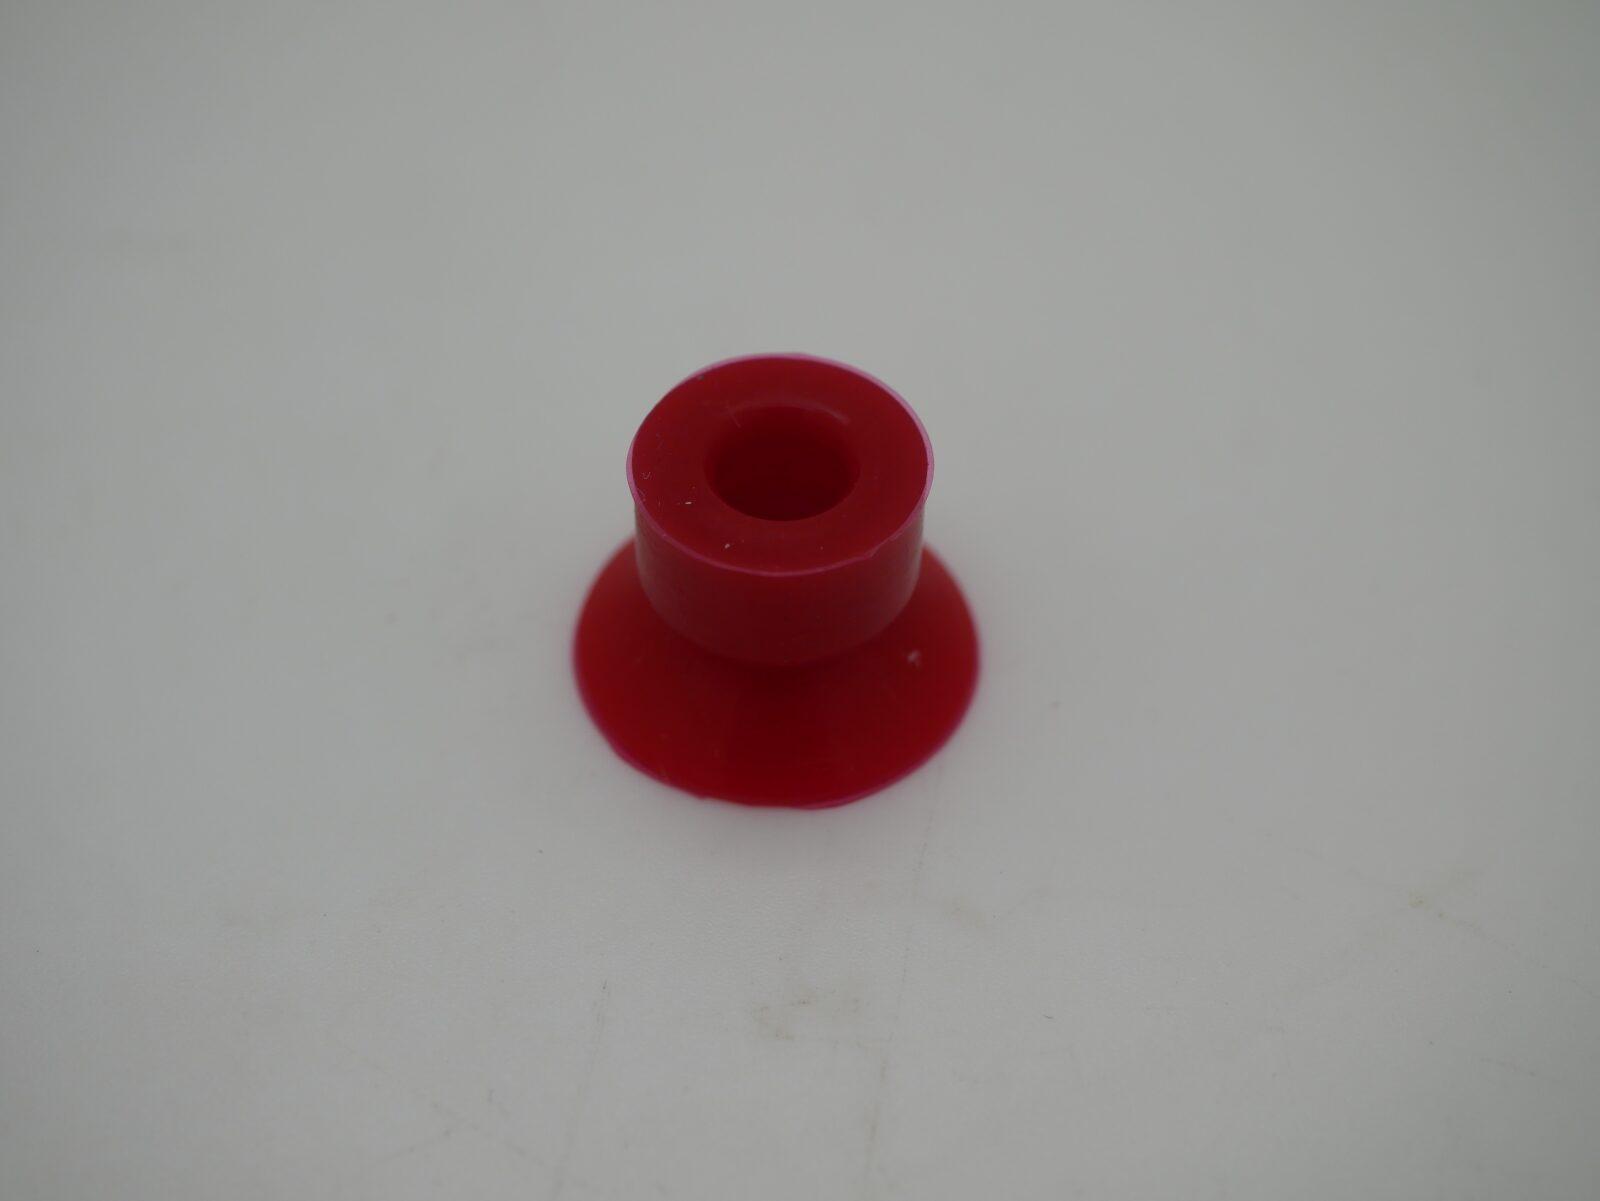 Muller Martini Red Vinyl Sucker 21 x 6 x 15mm A266-O